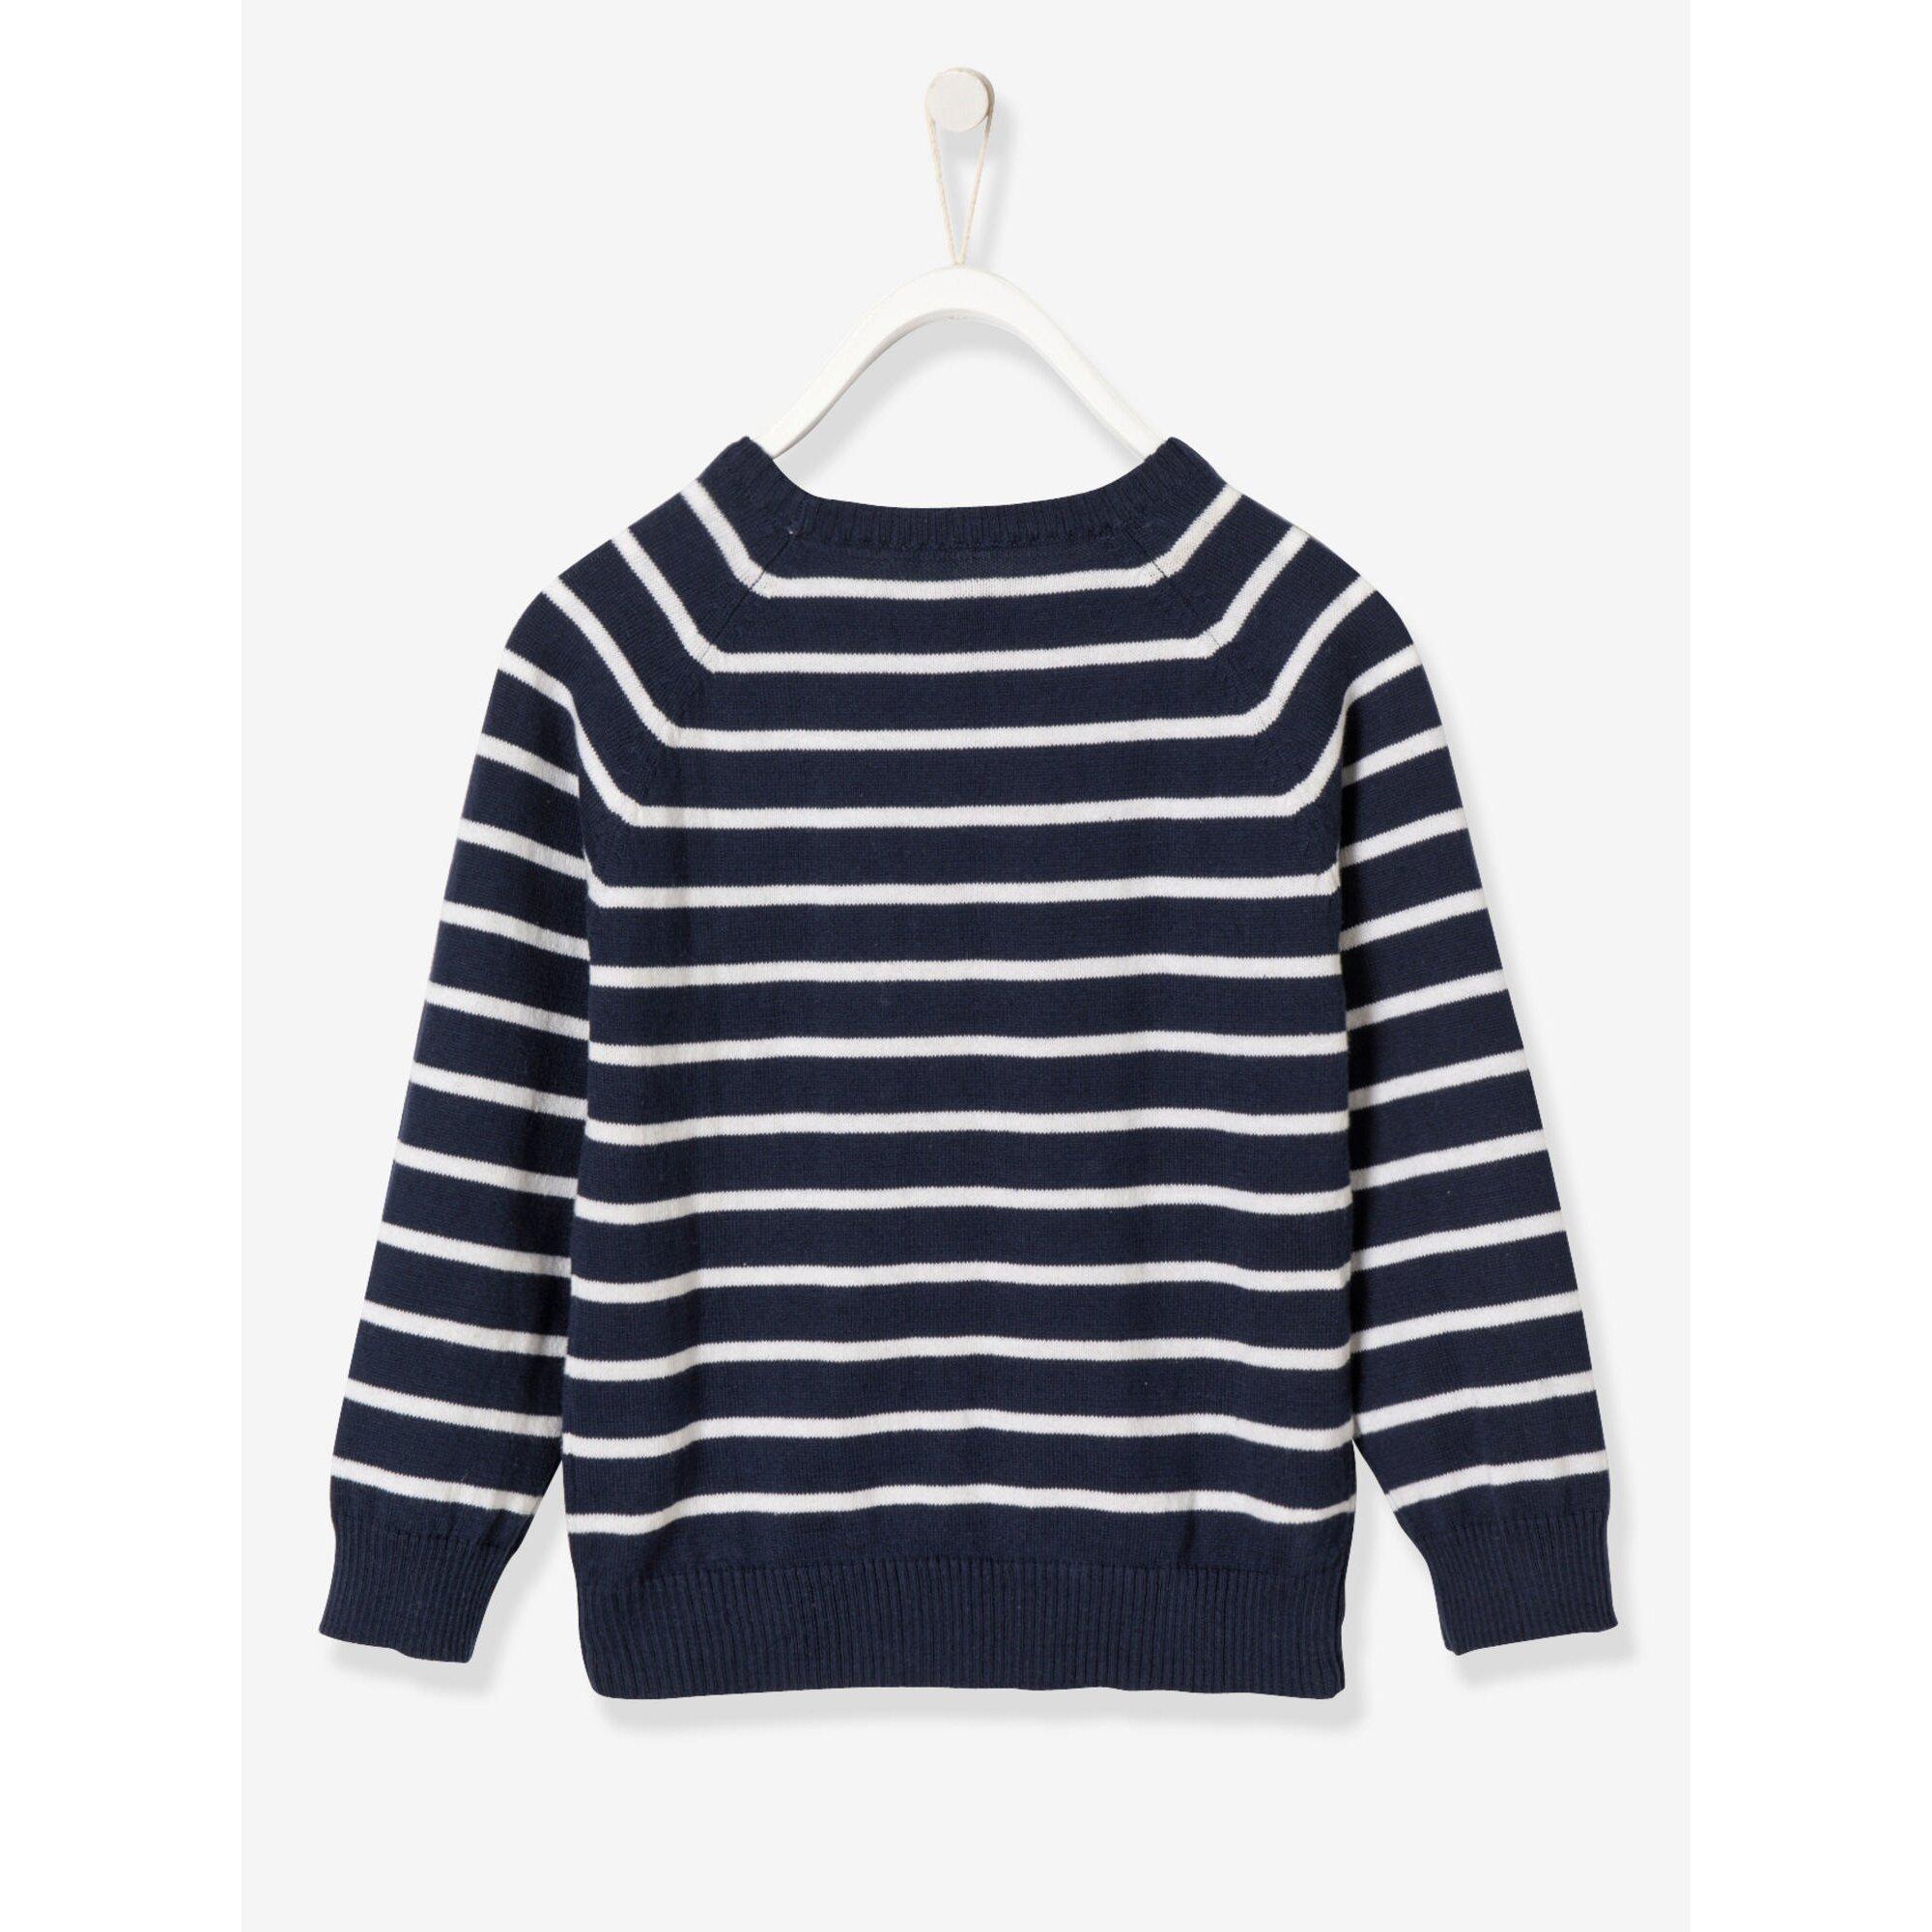 vertbaudet-jungen-pullover-bedruckt, 18.99 EUR @ babywalz-de